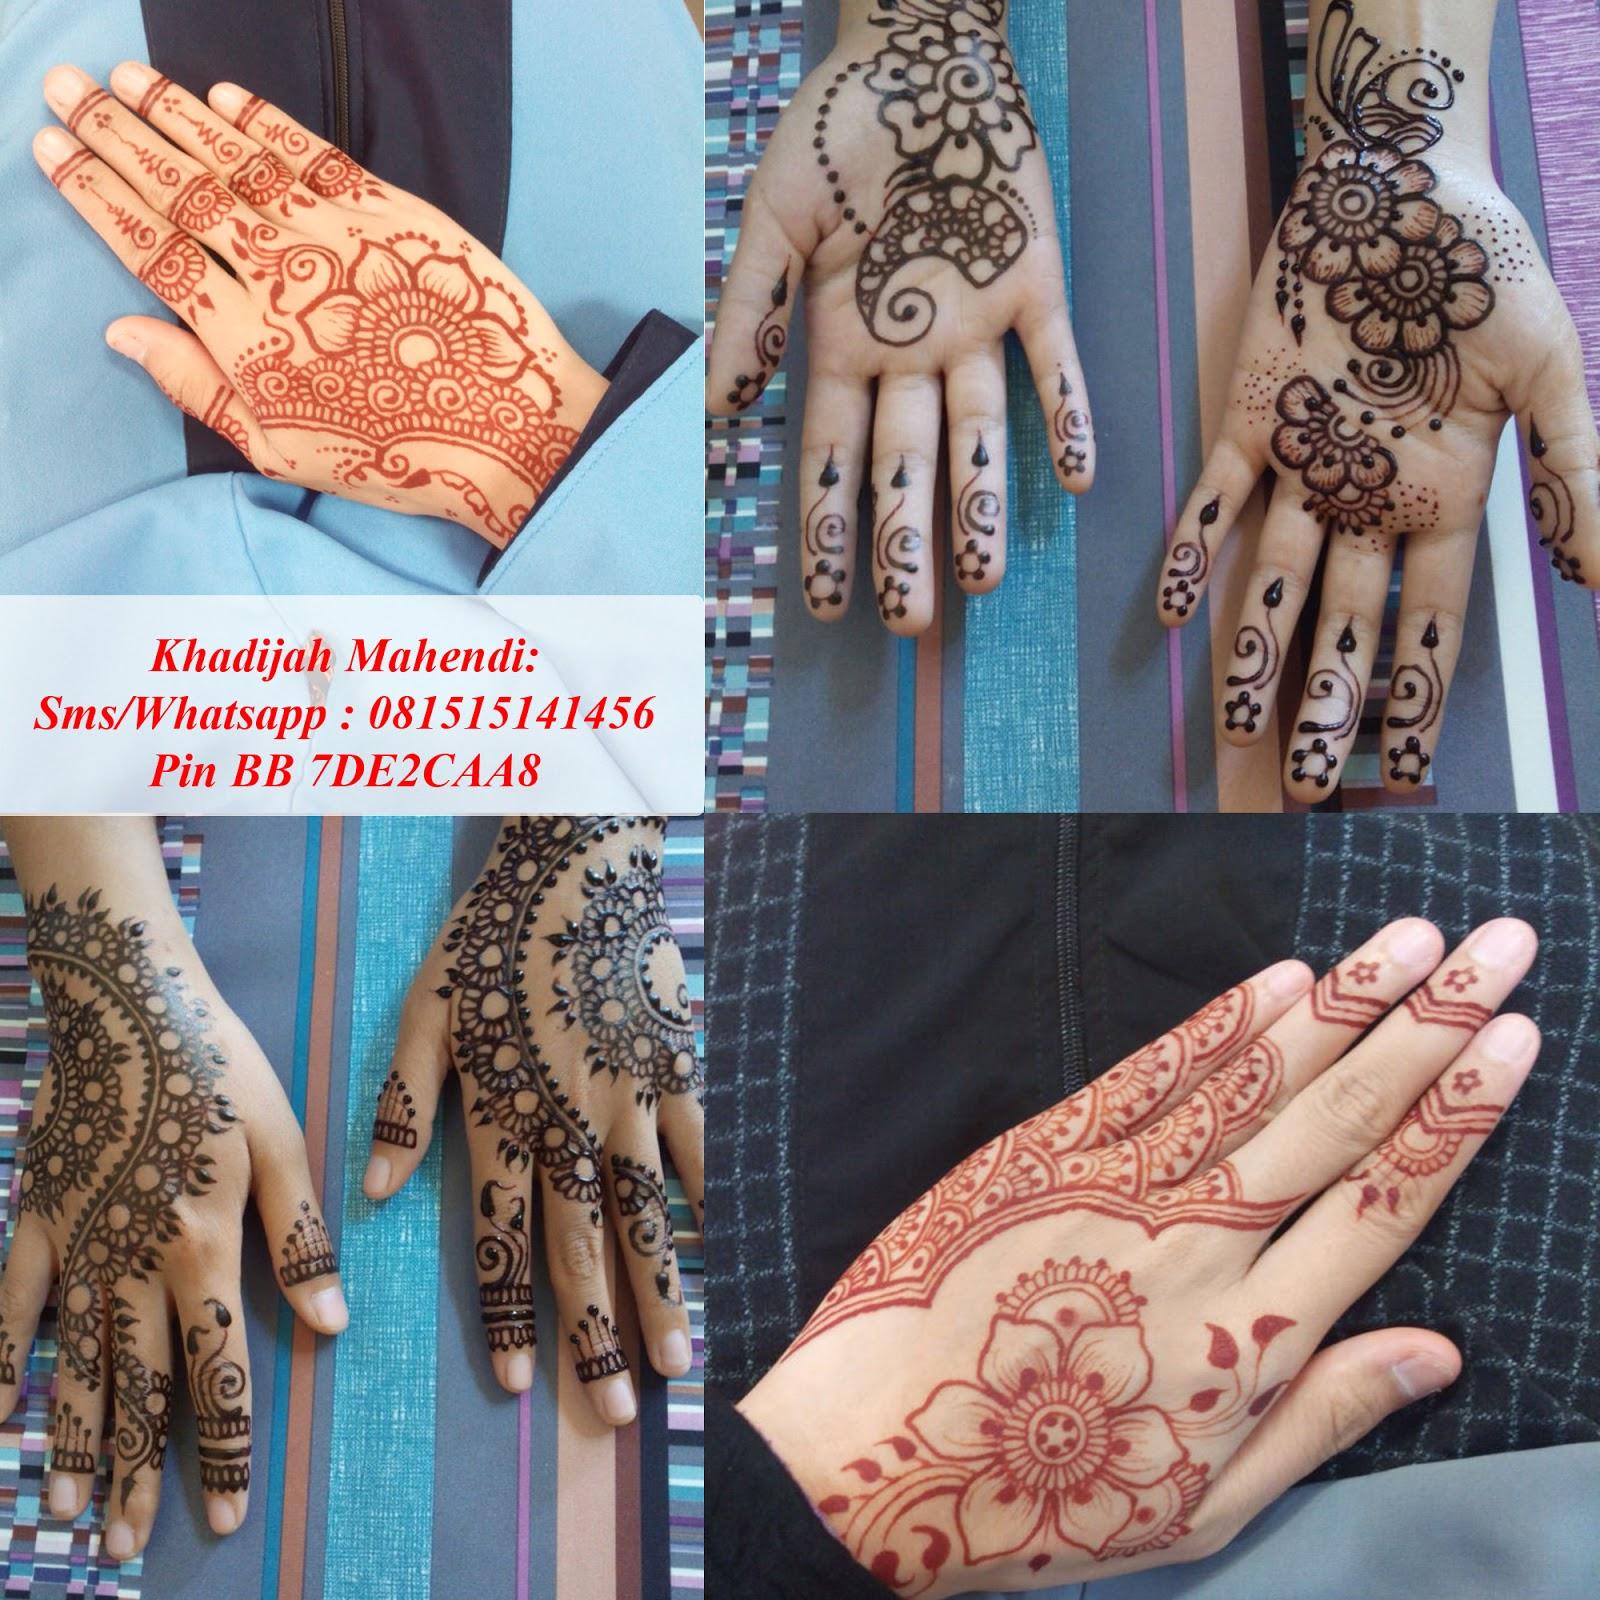 Artis Henna Surabaya Khadijah Mahendi 081515141456 Khadijah